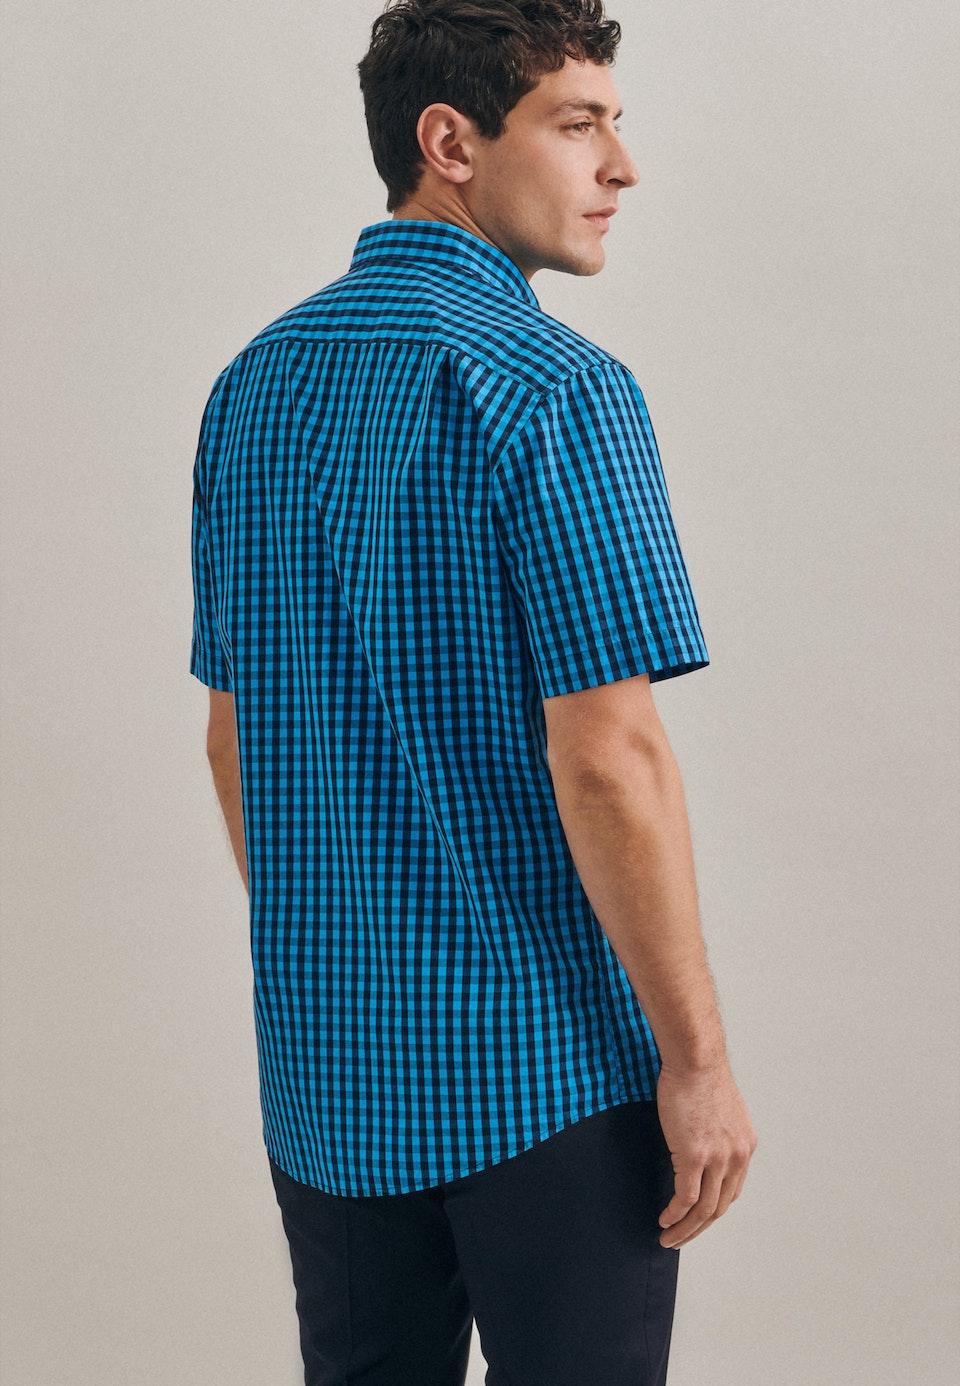 Popeline Kurzarm Business Hemd in Regular mit Button-Down-Kragen in Türkis/Petrol |  Seidensticker Onlineshop